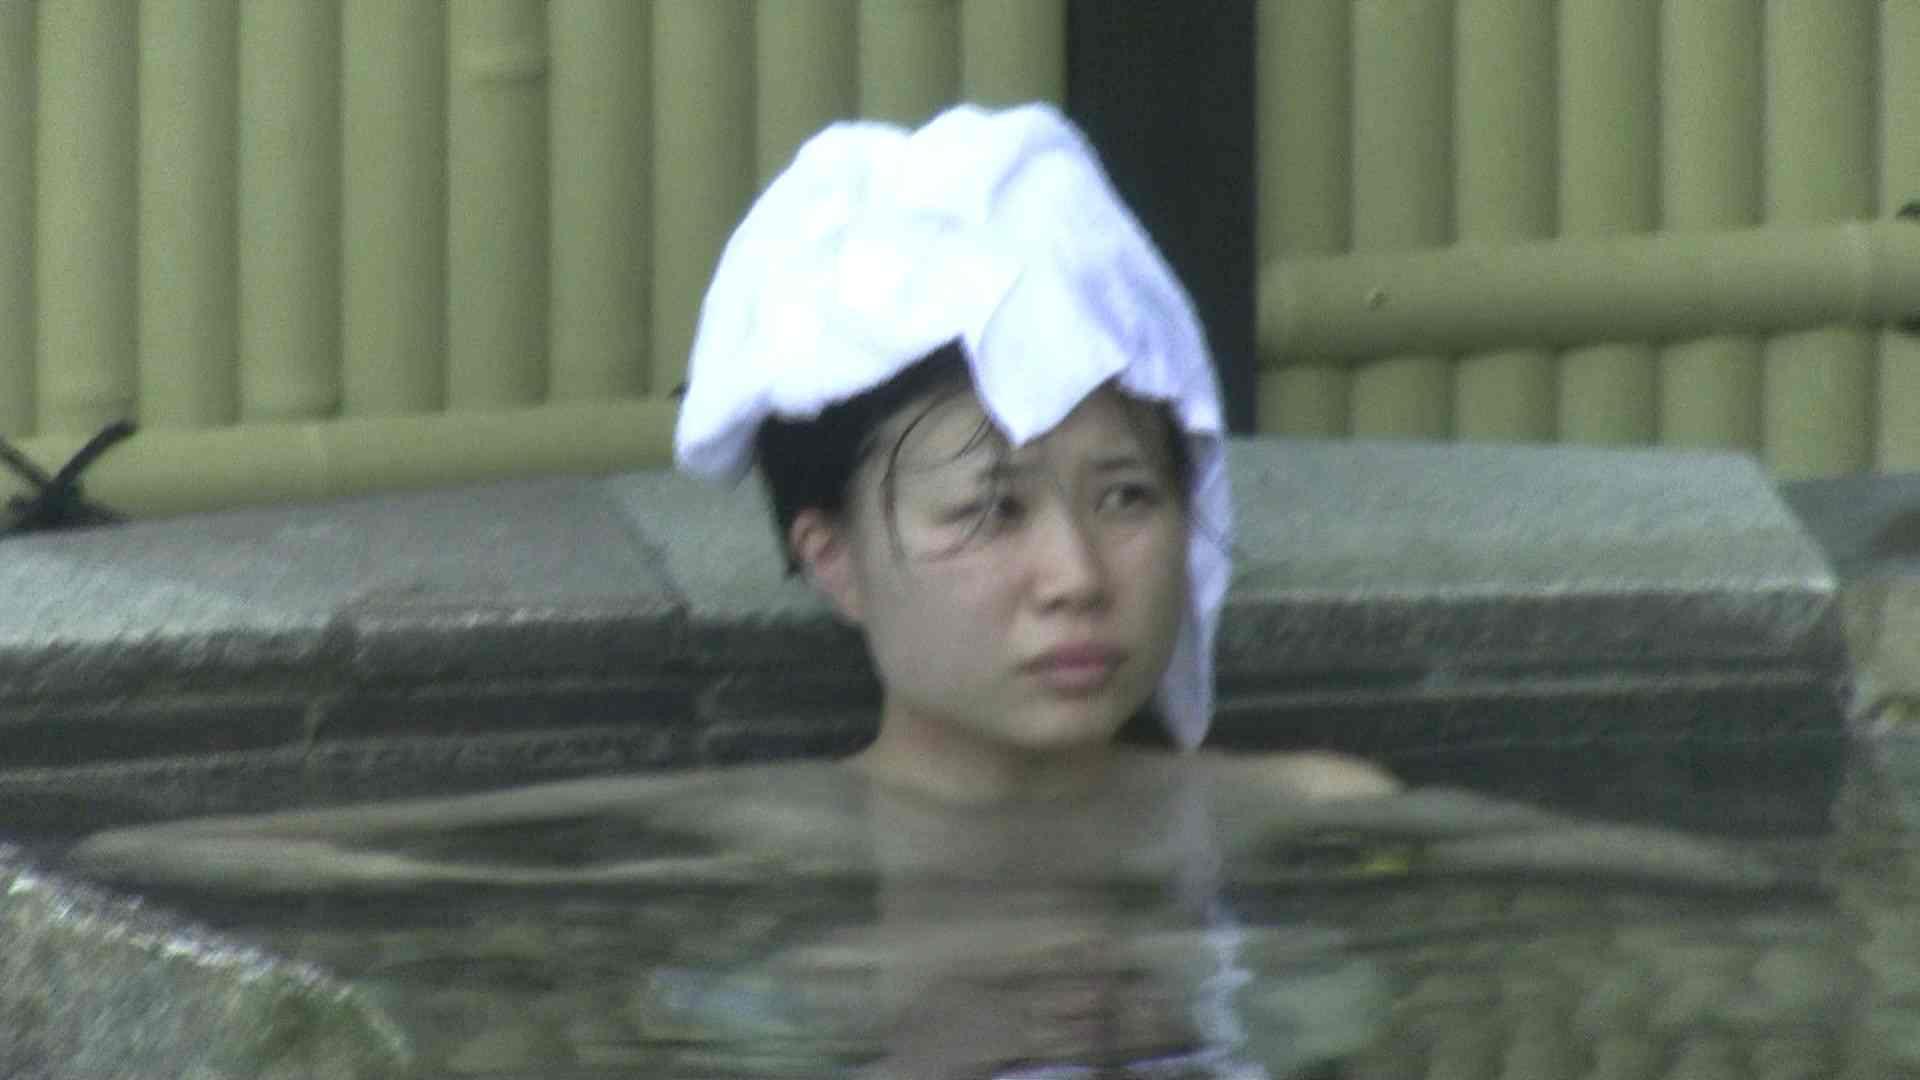 Aquaな露天風呂Vol.183 0   0  106pic 76